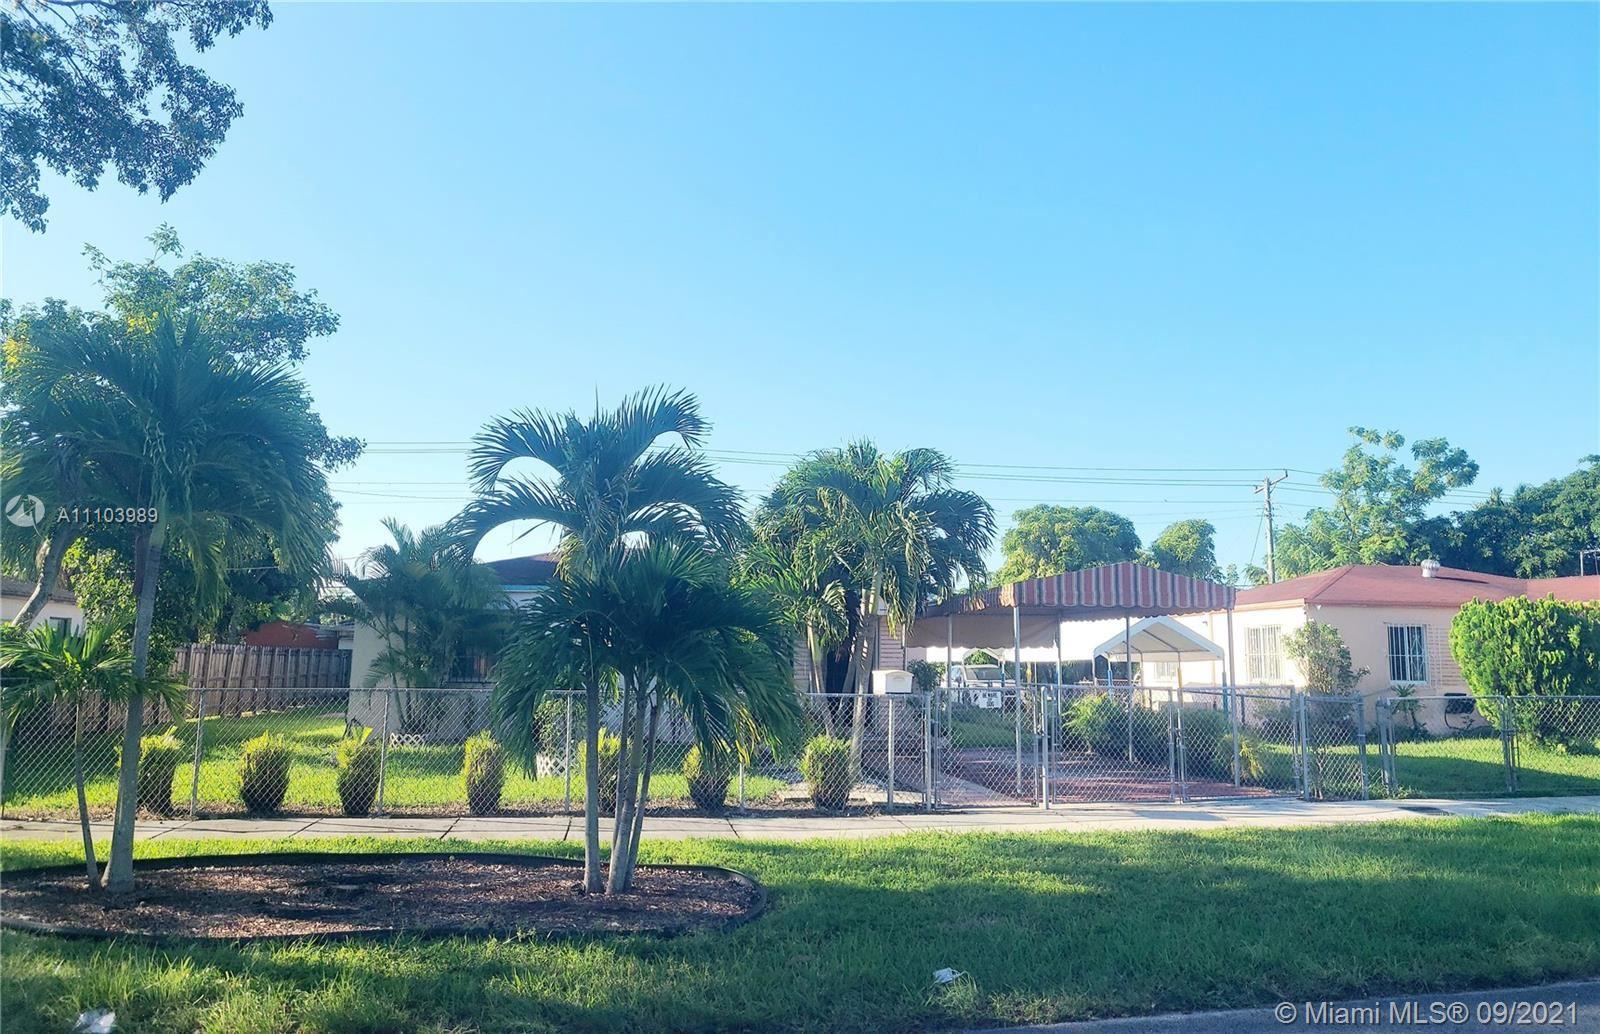 6376 SW 39th St, Miami, FL 33155 - #: A11103989